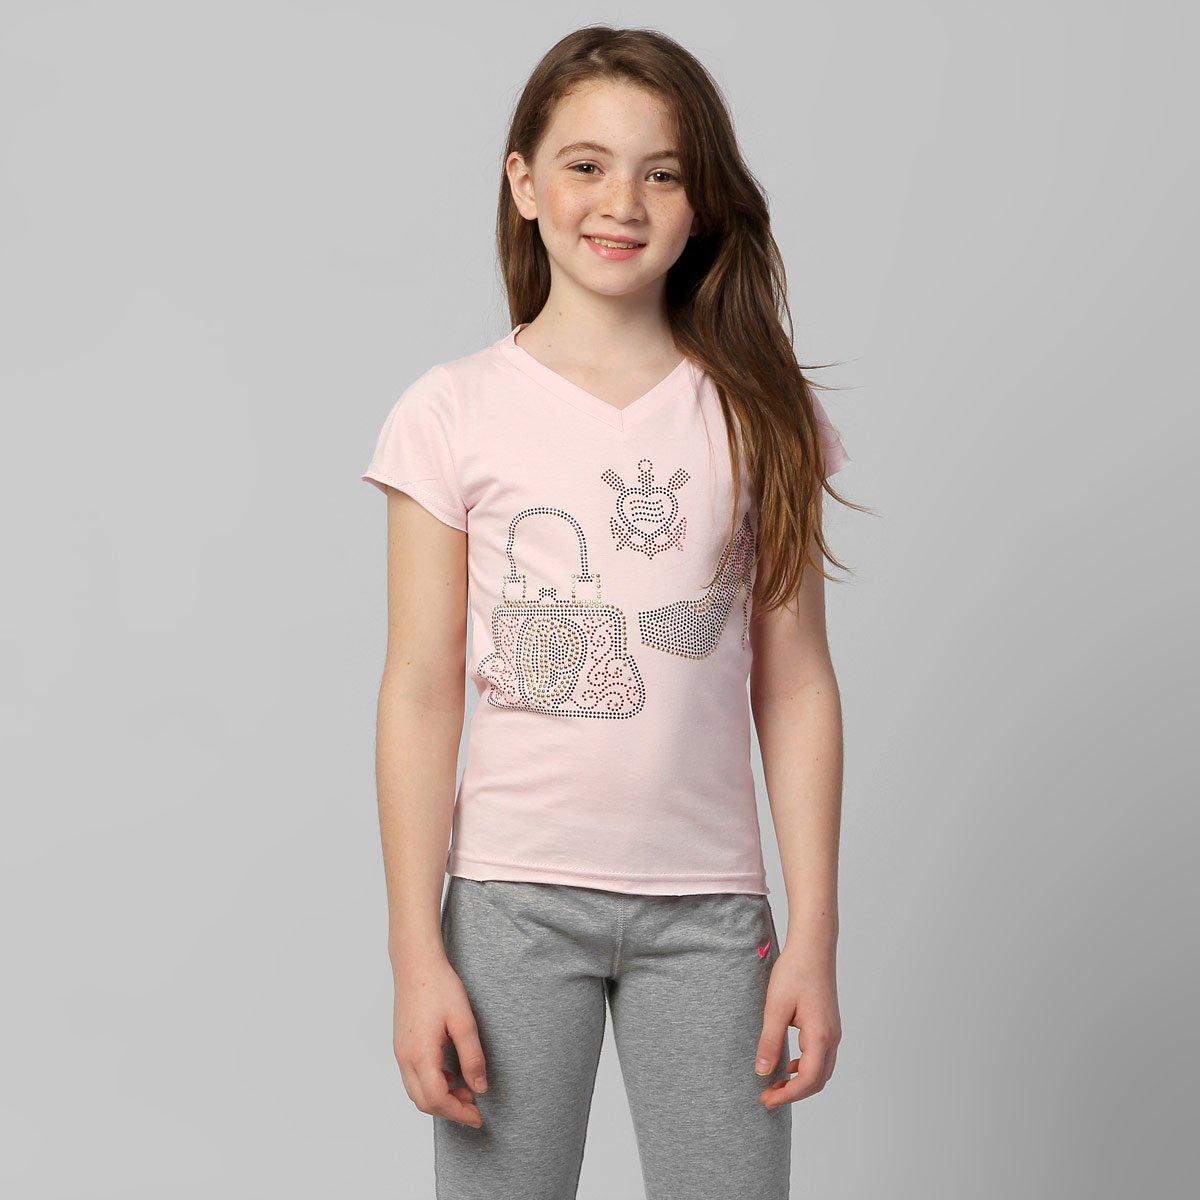 Camiseta Corinthians Bolsa Sapato Infantil - Compre Agora  f2dac9ab51f9f